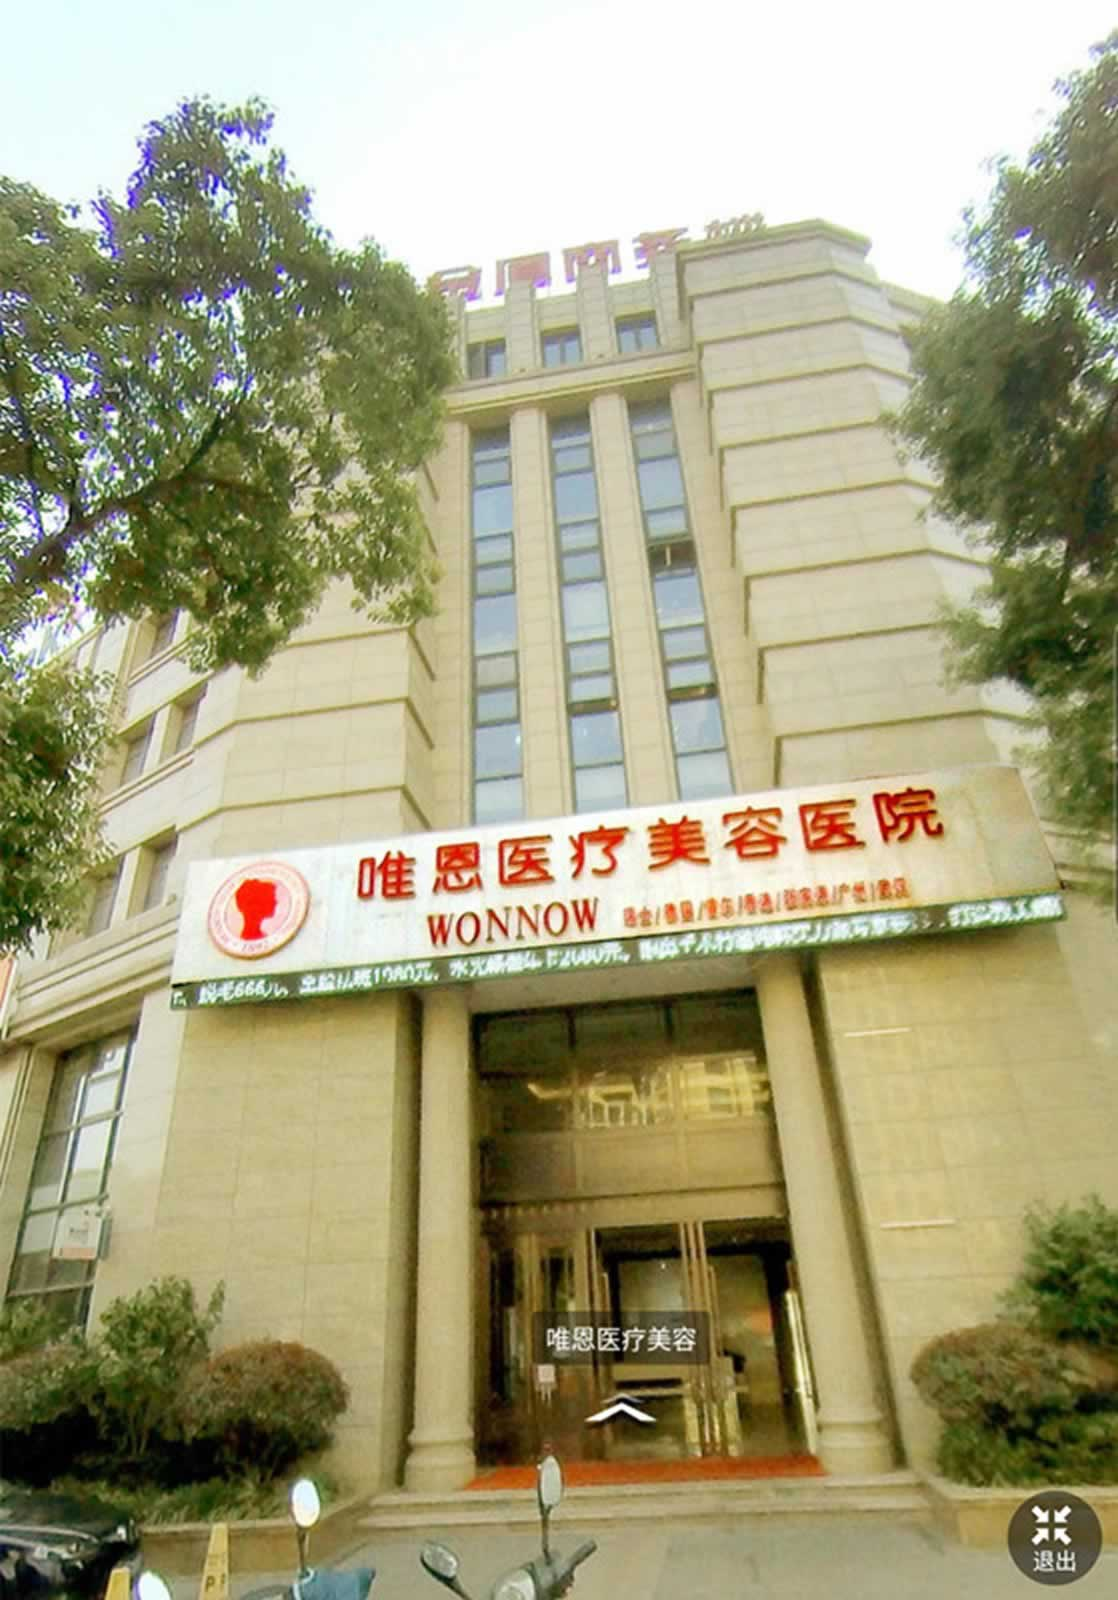 张家港唯恩医疗美容医院正规靠谱吗?